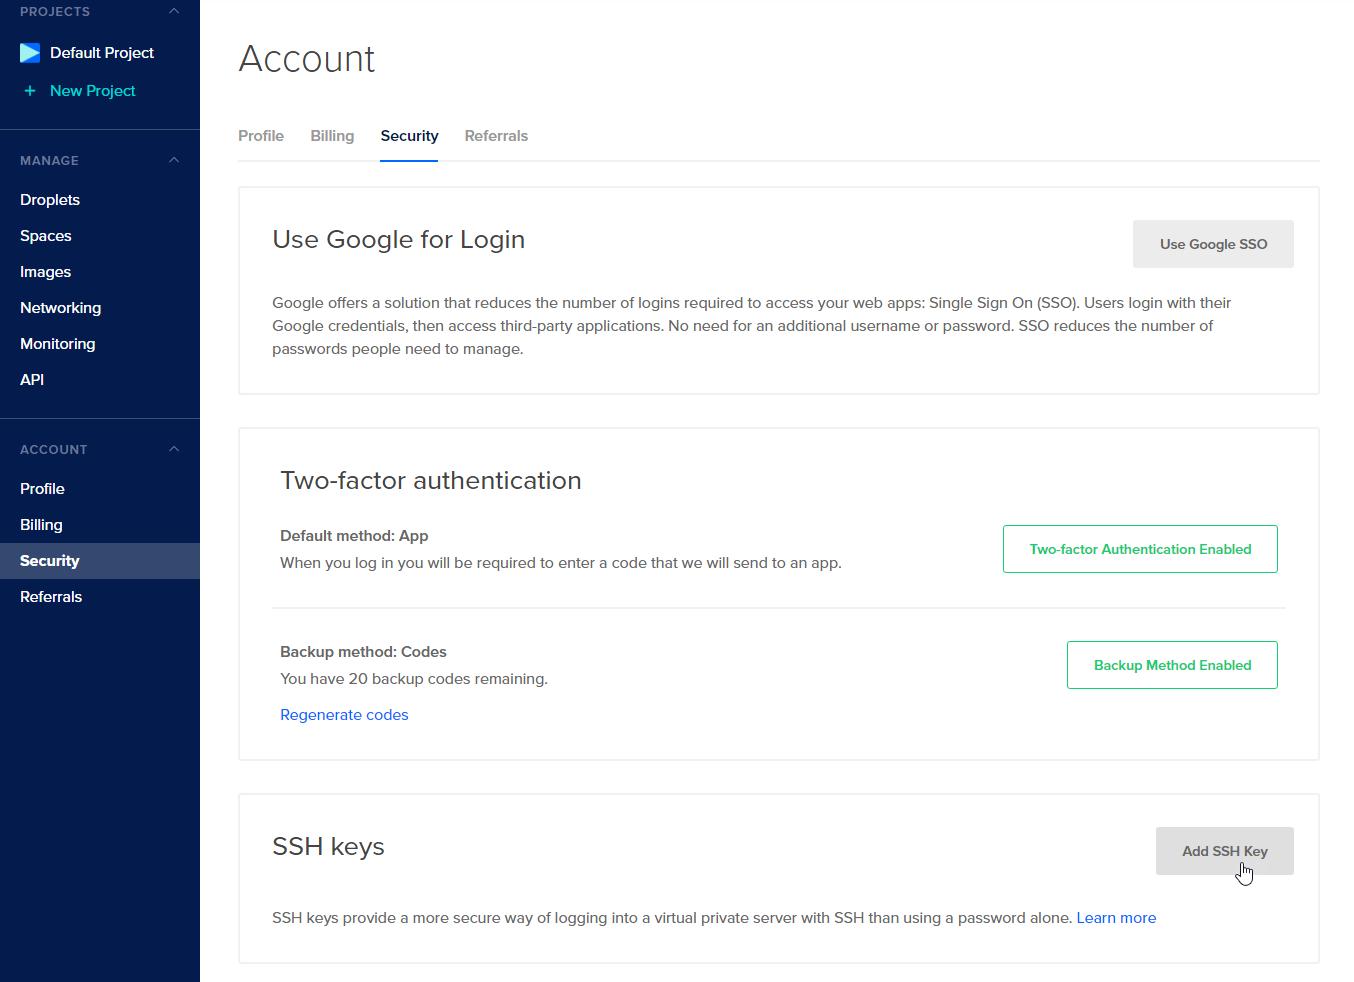 DigitalOcean add new key button